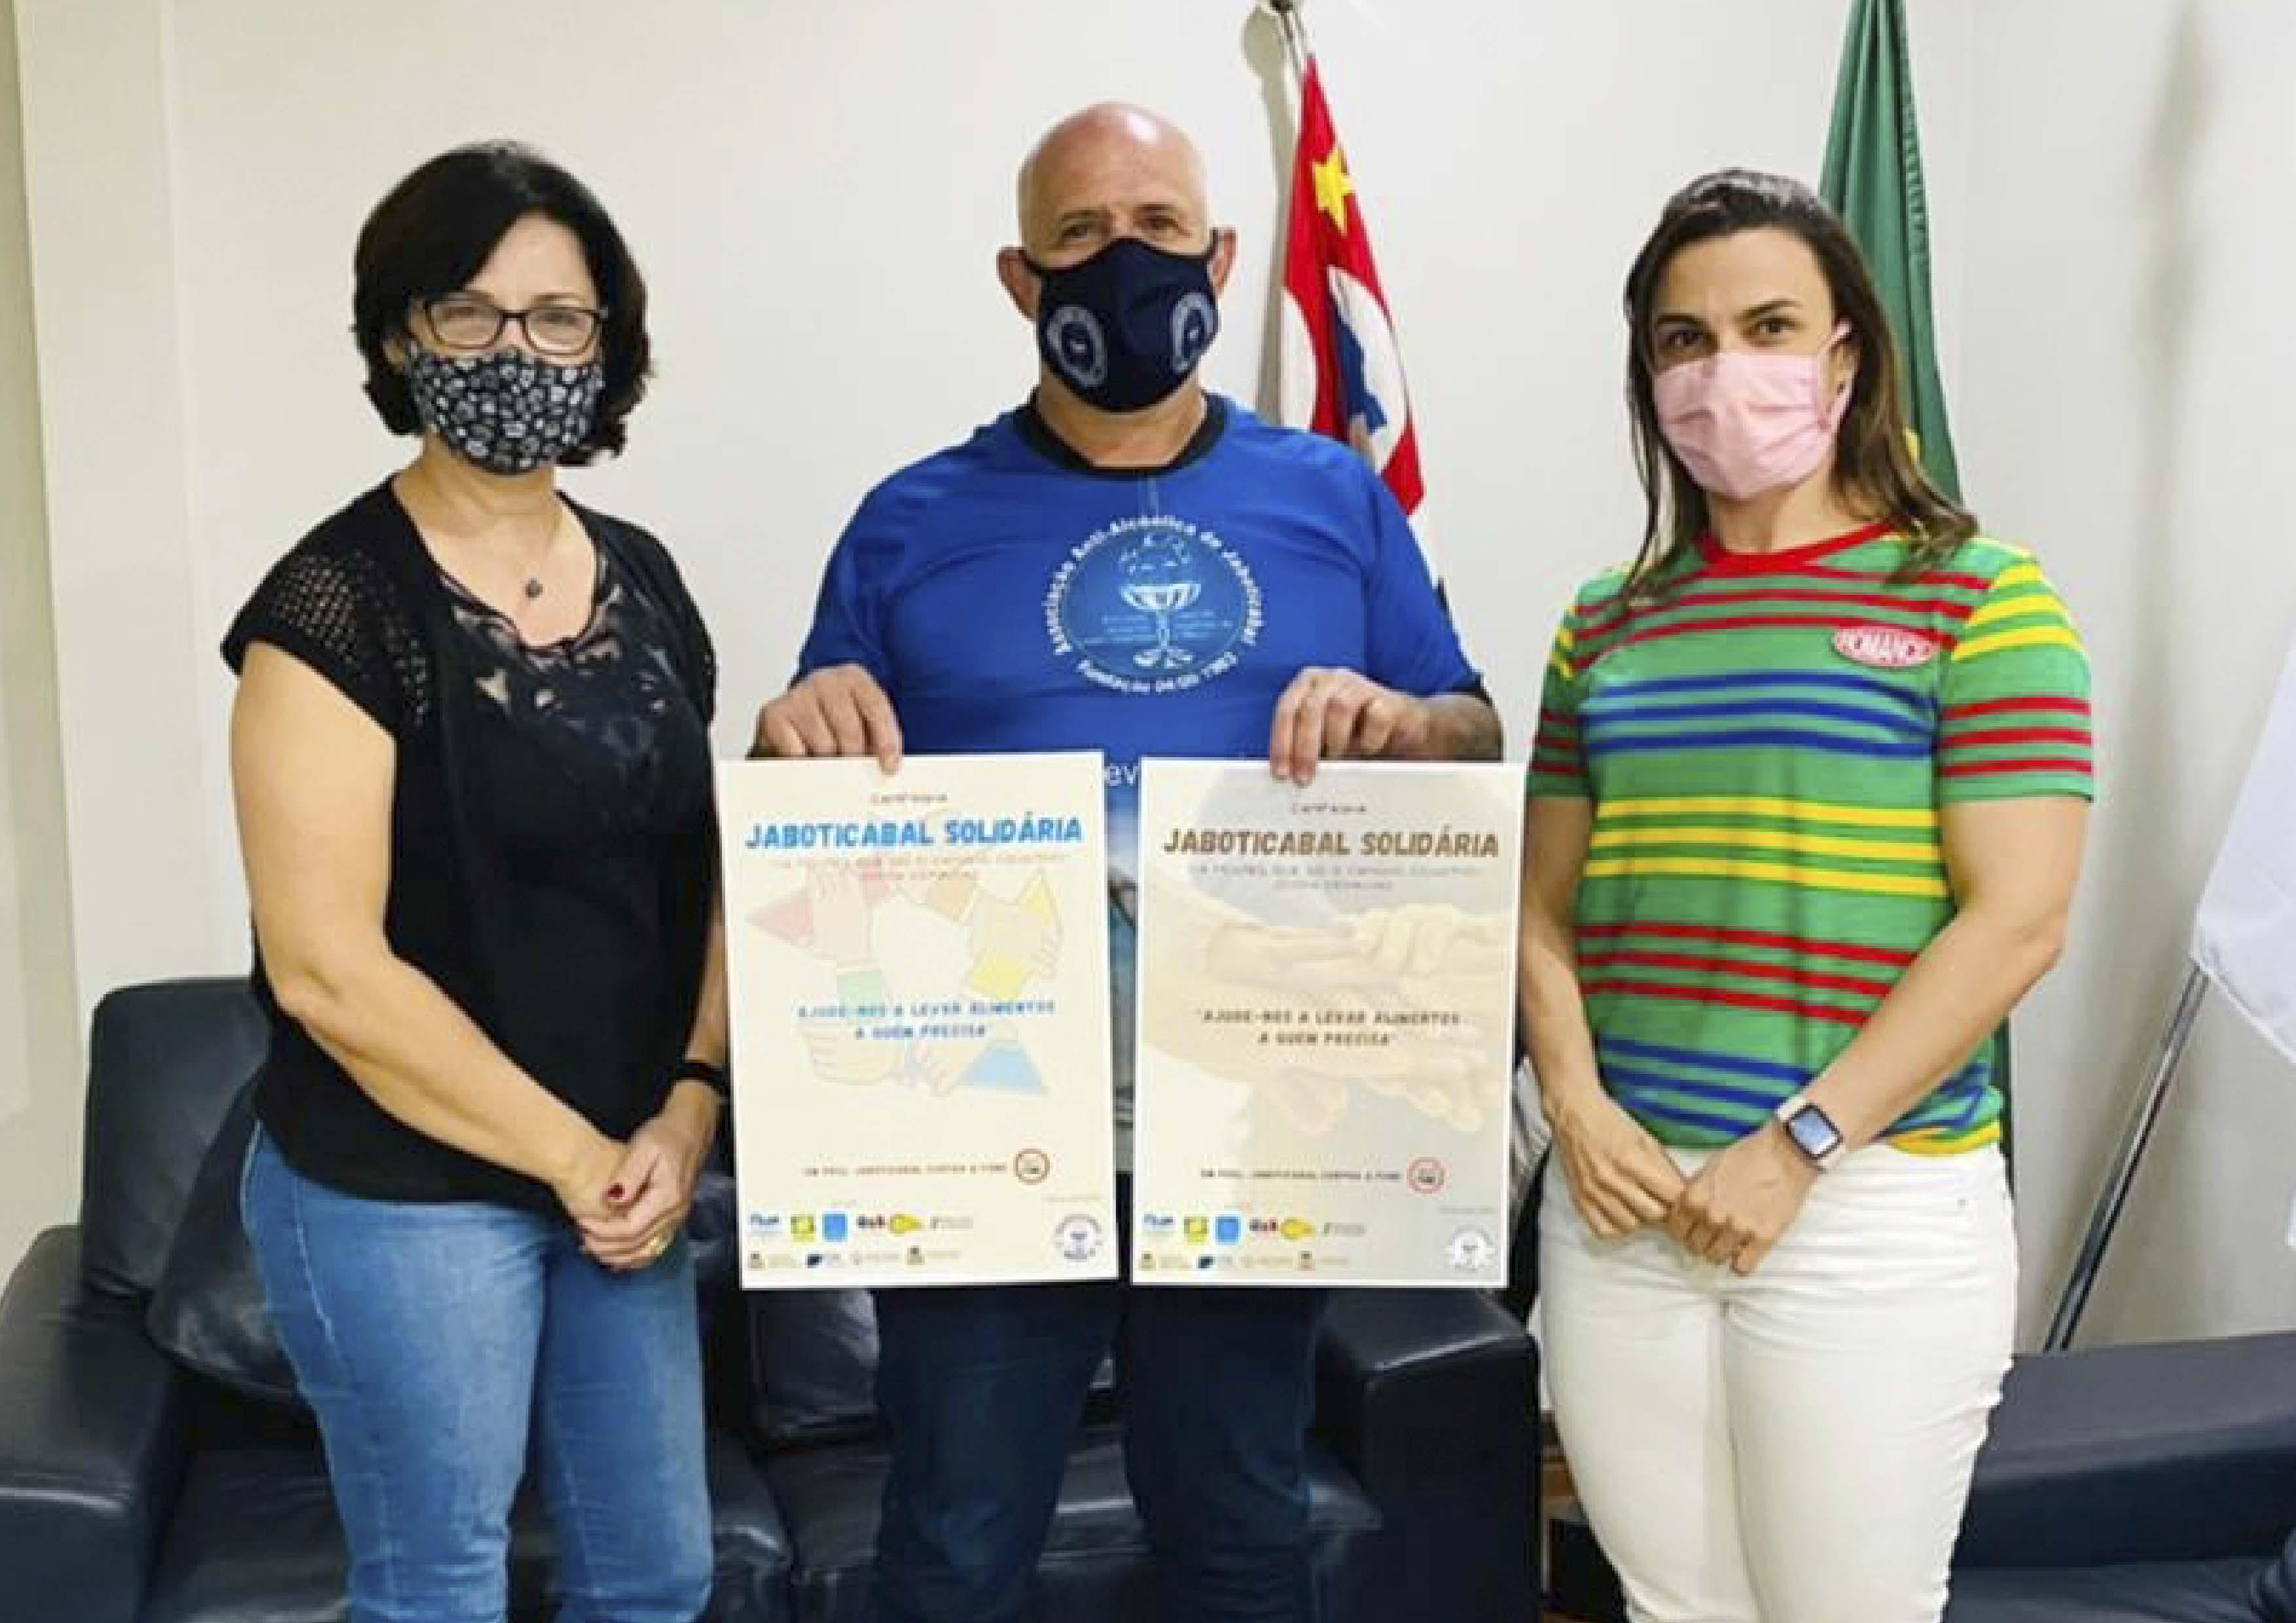 Campanha Jaboticabal Solidária